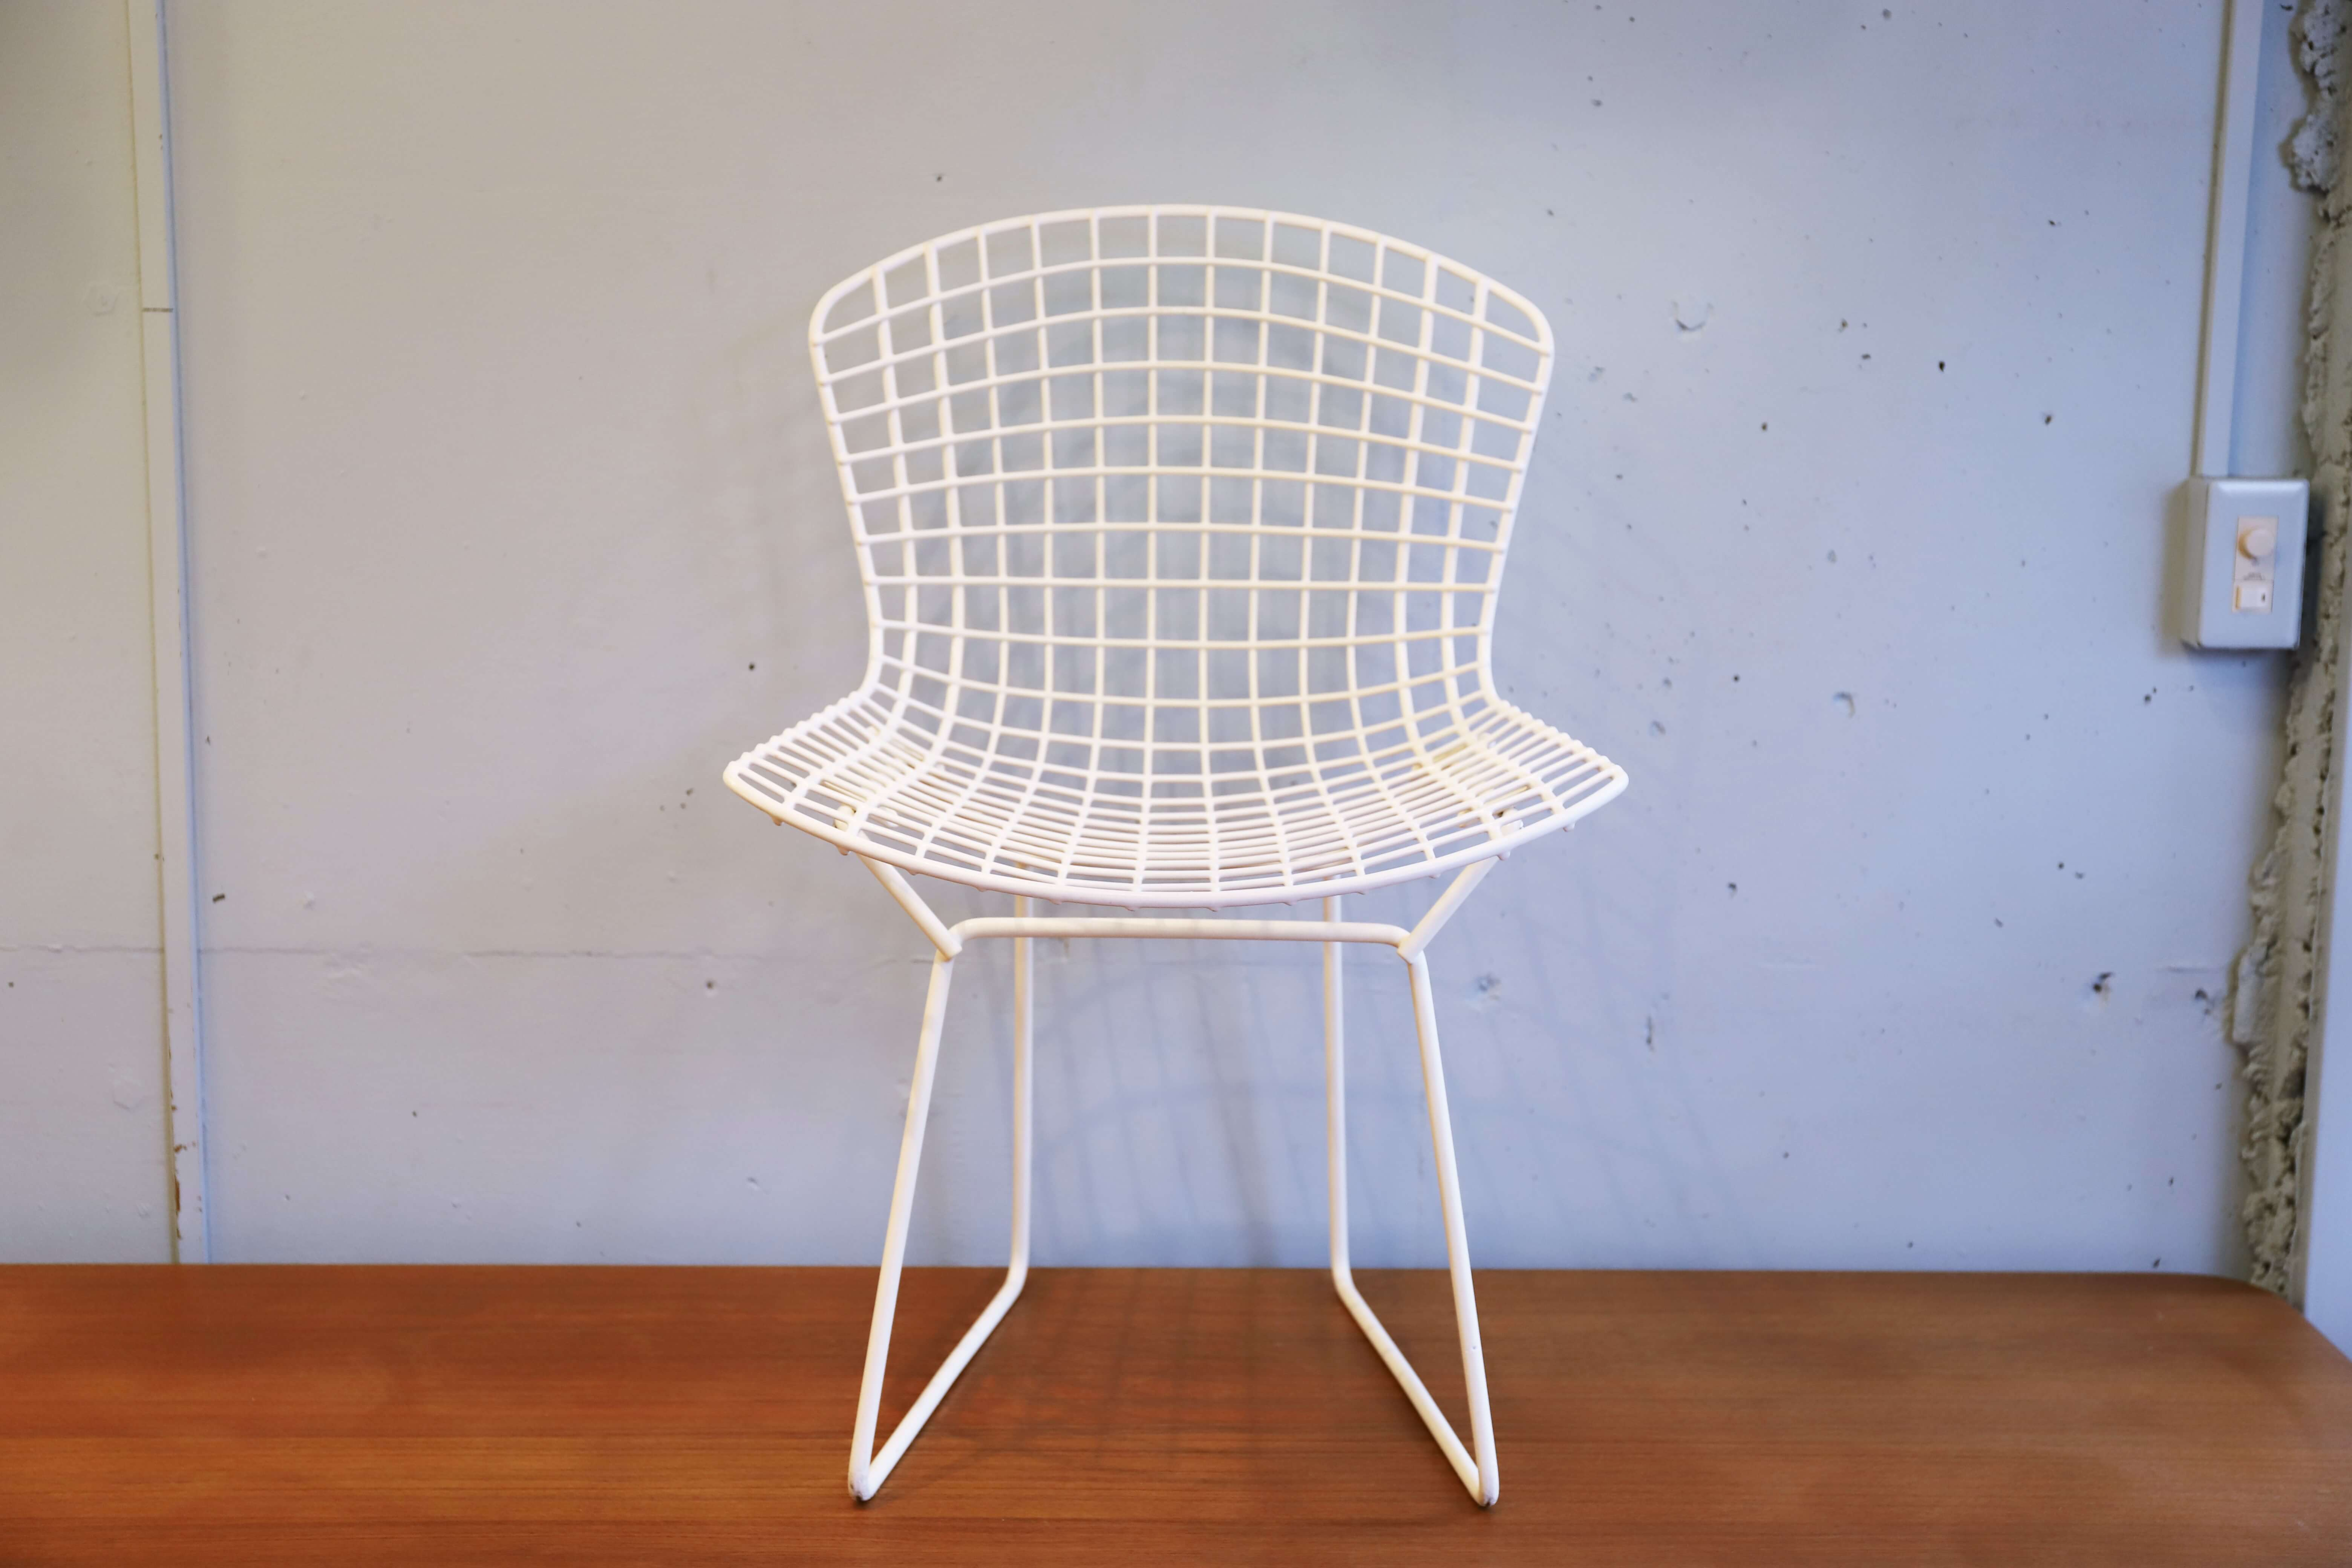 """ミッドセンチュリーを代表するデザイナー、彫刻家のハリー・ベルトイアが1952年に発表した、 ワイヤーのみで構成されたサイドチェア、通称""""ベルトイアチェア""""。 ただ座るだけでなく透けて見える背景をも取り込んだ、アート作品のようです。 ベルトイア自身「この椅子は主に空気によって作られている」と語ったと言われています。 長さの異なるスチールロッドを一本一本三次元に曲げ、曲線の動きに合わせてひとつひとつ 違う網目を構成してフレームを形作っています。 一見座りにくそうに思われますが、人間工学に基づいてデザインされているため、 見た目以上の座り心地を実現しています。 ハリー・ベルトイアはアメリカのクランブルック美術アカデミーで共に学んだ、 チャールズ&レイ・イームズとワイヤーシェル構造を共同開発していたのですが、 イームズが先にハーマンミラー社よりワイヤーメッシュチェアを発表してしまいました。 それに怒ったハリーは、同じくクランブルック美術アカデミーの同級生フローレンス・ノールに誘われ、 Knollに移り、このサイドチェアやダイヤモンドチェアなどのワイヤーシリーズを完成させたという 逸話があります。 美しい曲線と幾何学的な文様を刻んでいく様は、まさに彫刻家ハリーがなせる技。 ミッドセンチュリーを代表する、アート作品のようなプロダクトをぜひお楽しみください。 ~【東京都杉並区阿佐ヶ谷北アンティークショップ 古一/ZACK高円寺店】 古一/ふるいちでは出張無料買取も行っております。杉並区周辺はもちろん、世田谷区・目黒区・武蔵野市・新宿区等の東京近郊のお見積もりも!ビンテージ家具・インテリア雑貨・ランプ・USED品・ リサイクルなら古一/フルイチへ~"""